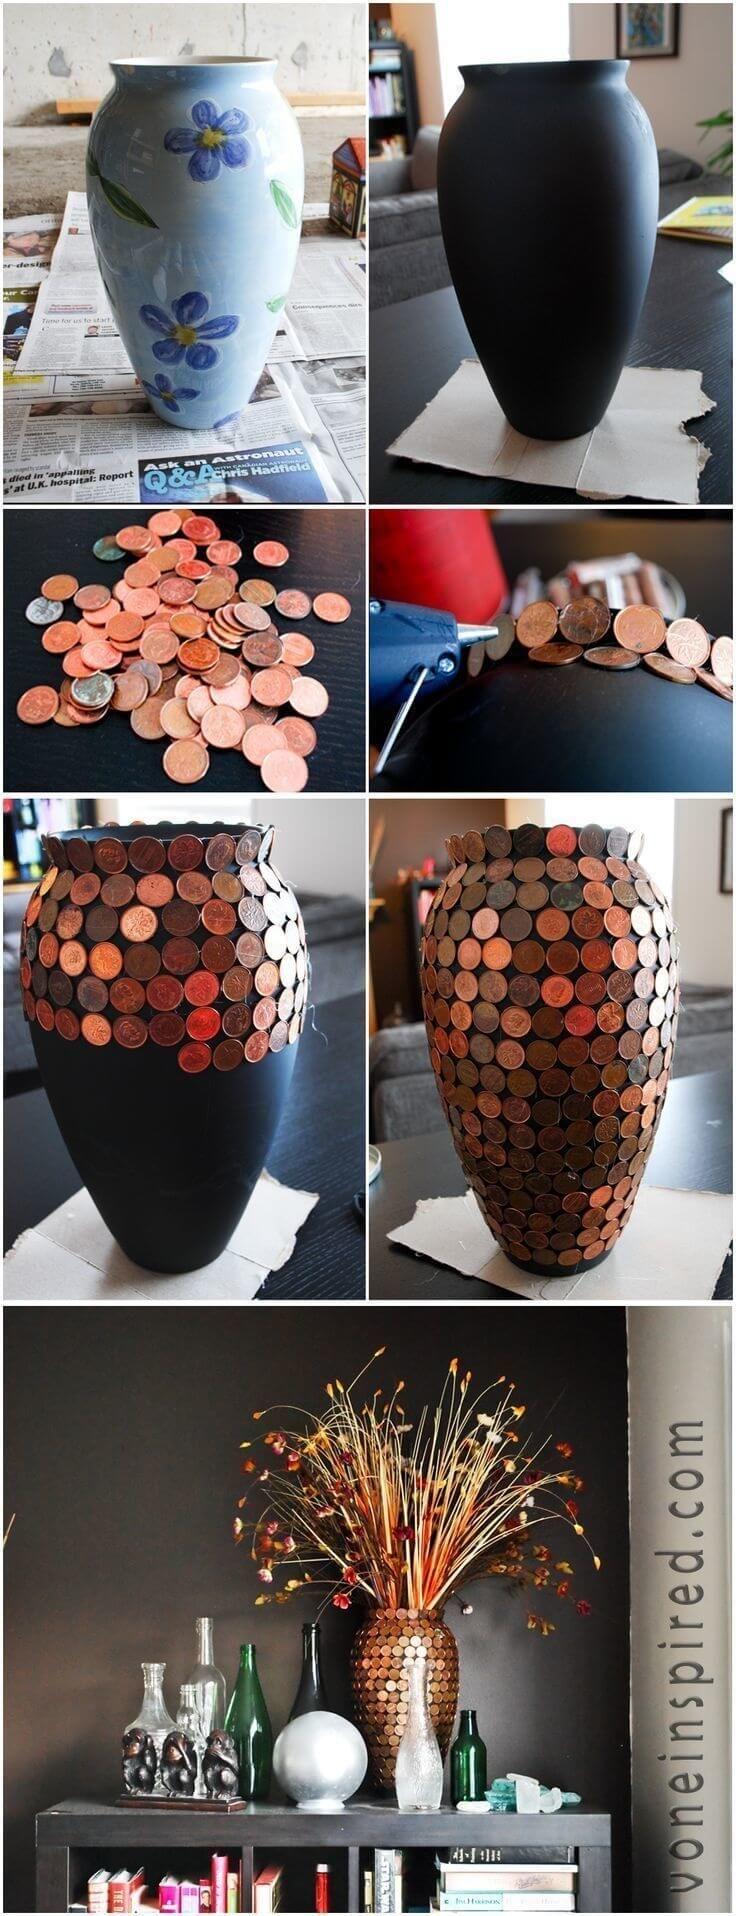 Diese verrückten DIY Projekte mit Euro Münzen sind sicher einen Versuch wert